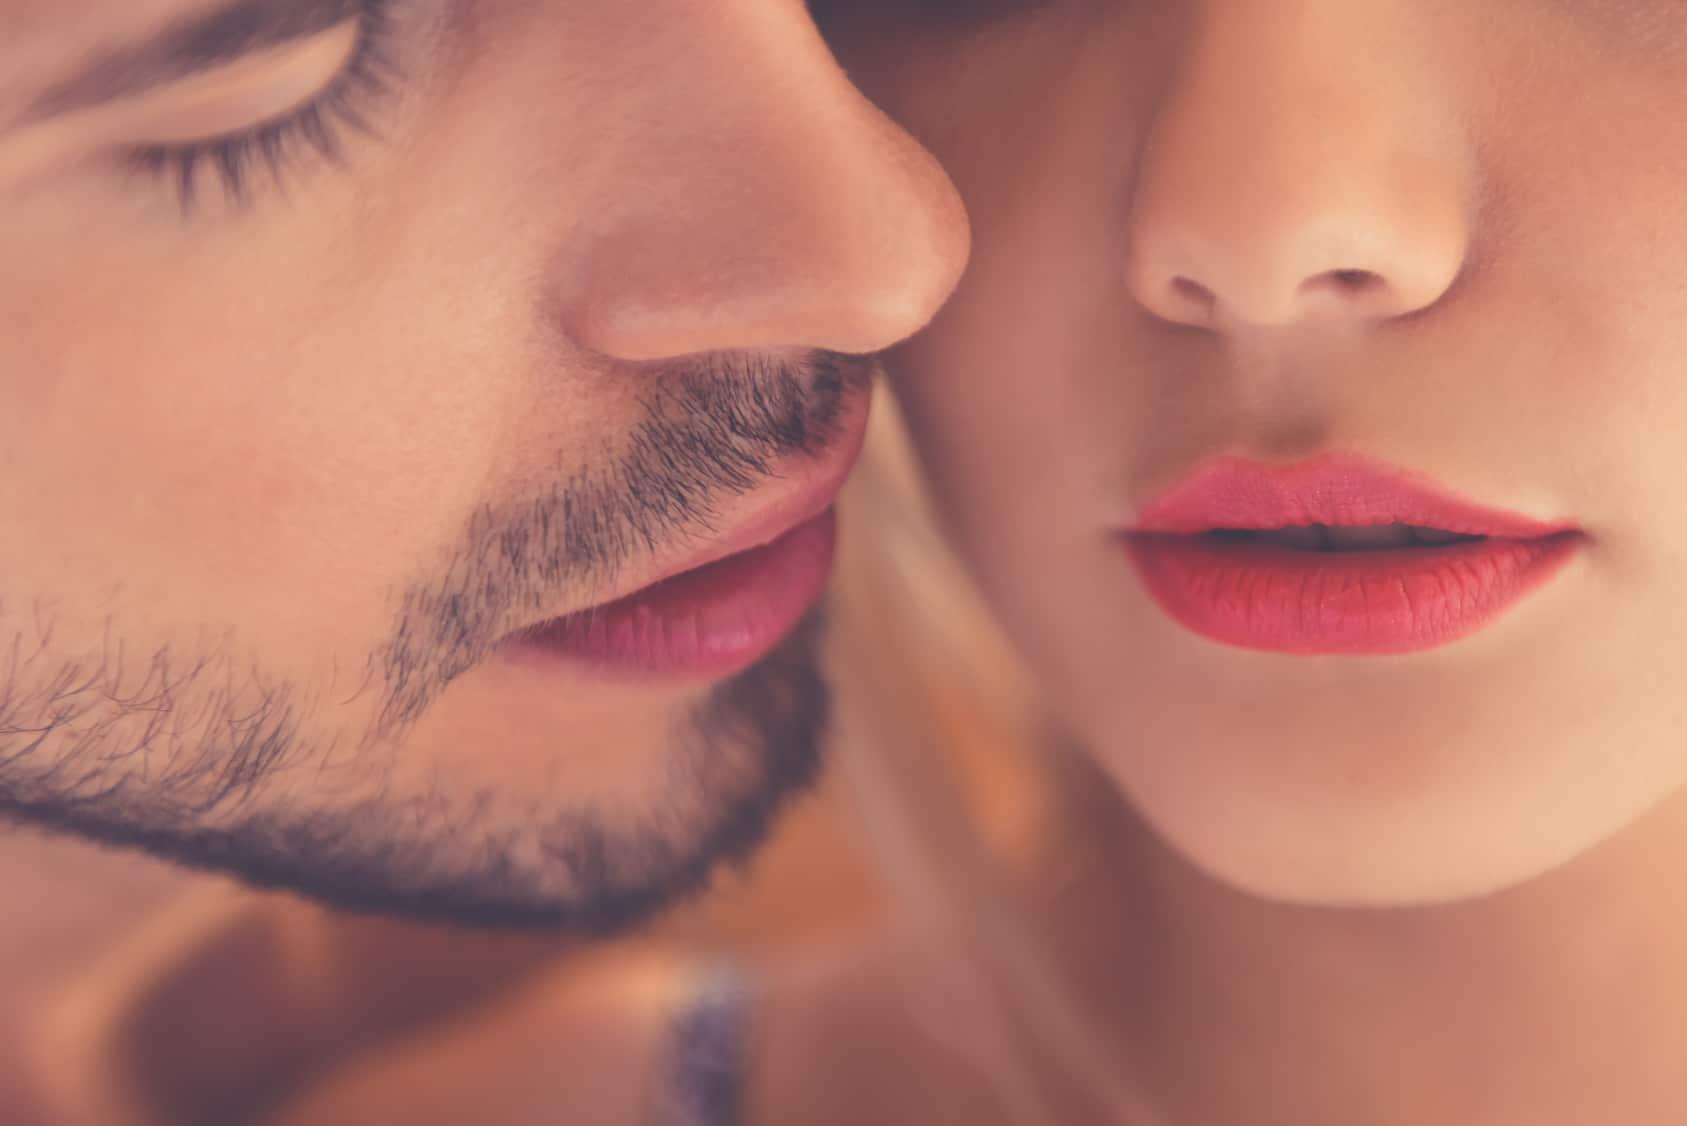 2 Gesichter Mann und Frau, sind sehr Nah auf dem Bild zu sehen. Der Mann macht andeutung sie zu küssen. Beide strahlen eine gute Balance aus, denn mit dem Programm der unibee Institute, konnten beide ihr Selbstbewusstsein in der Sexualität deutlich steigern.